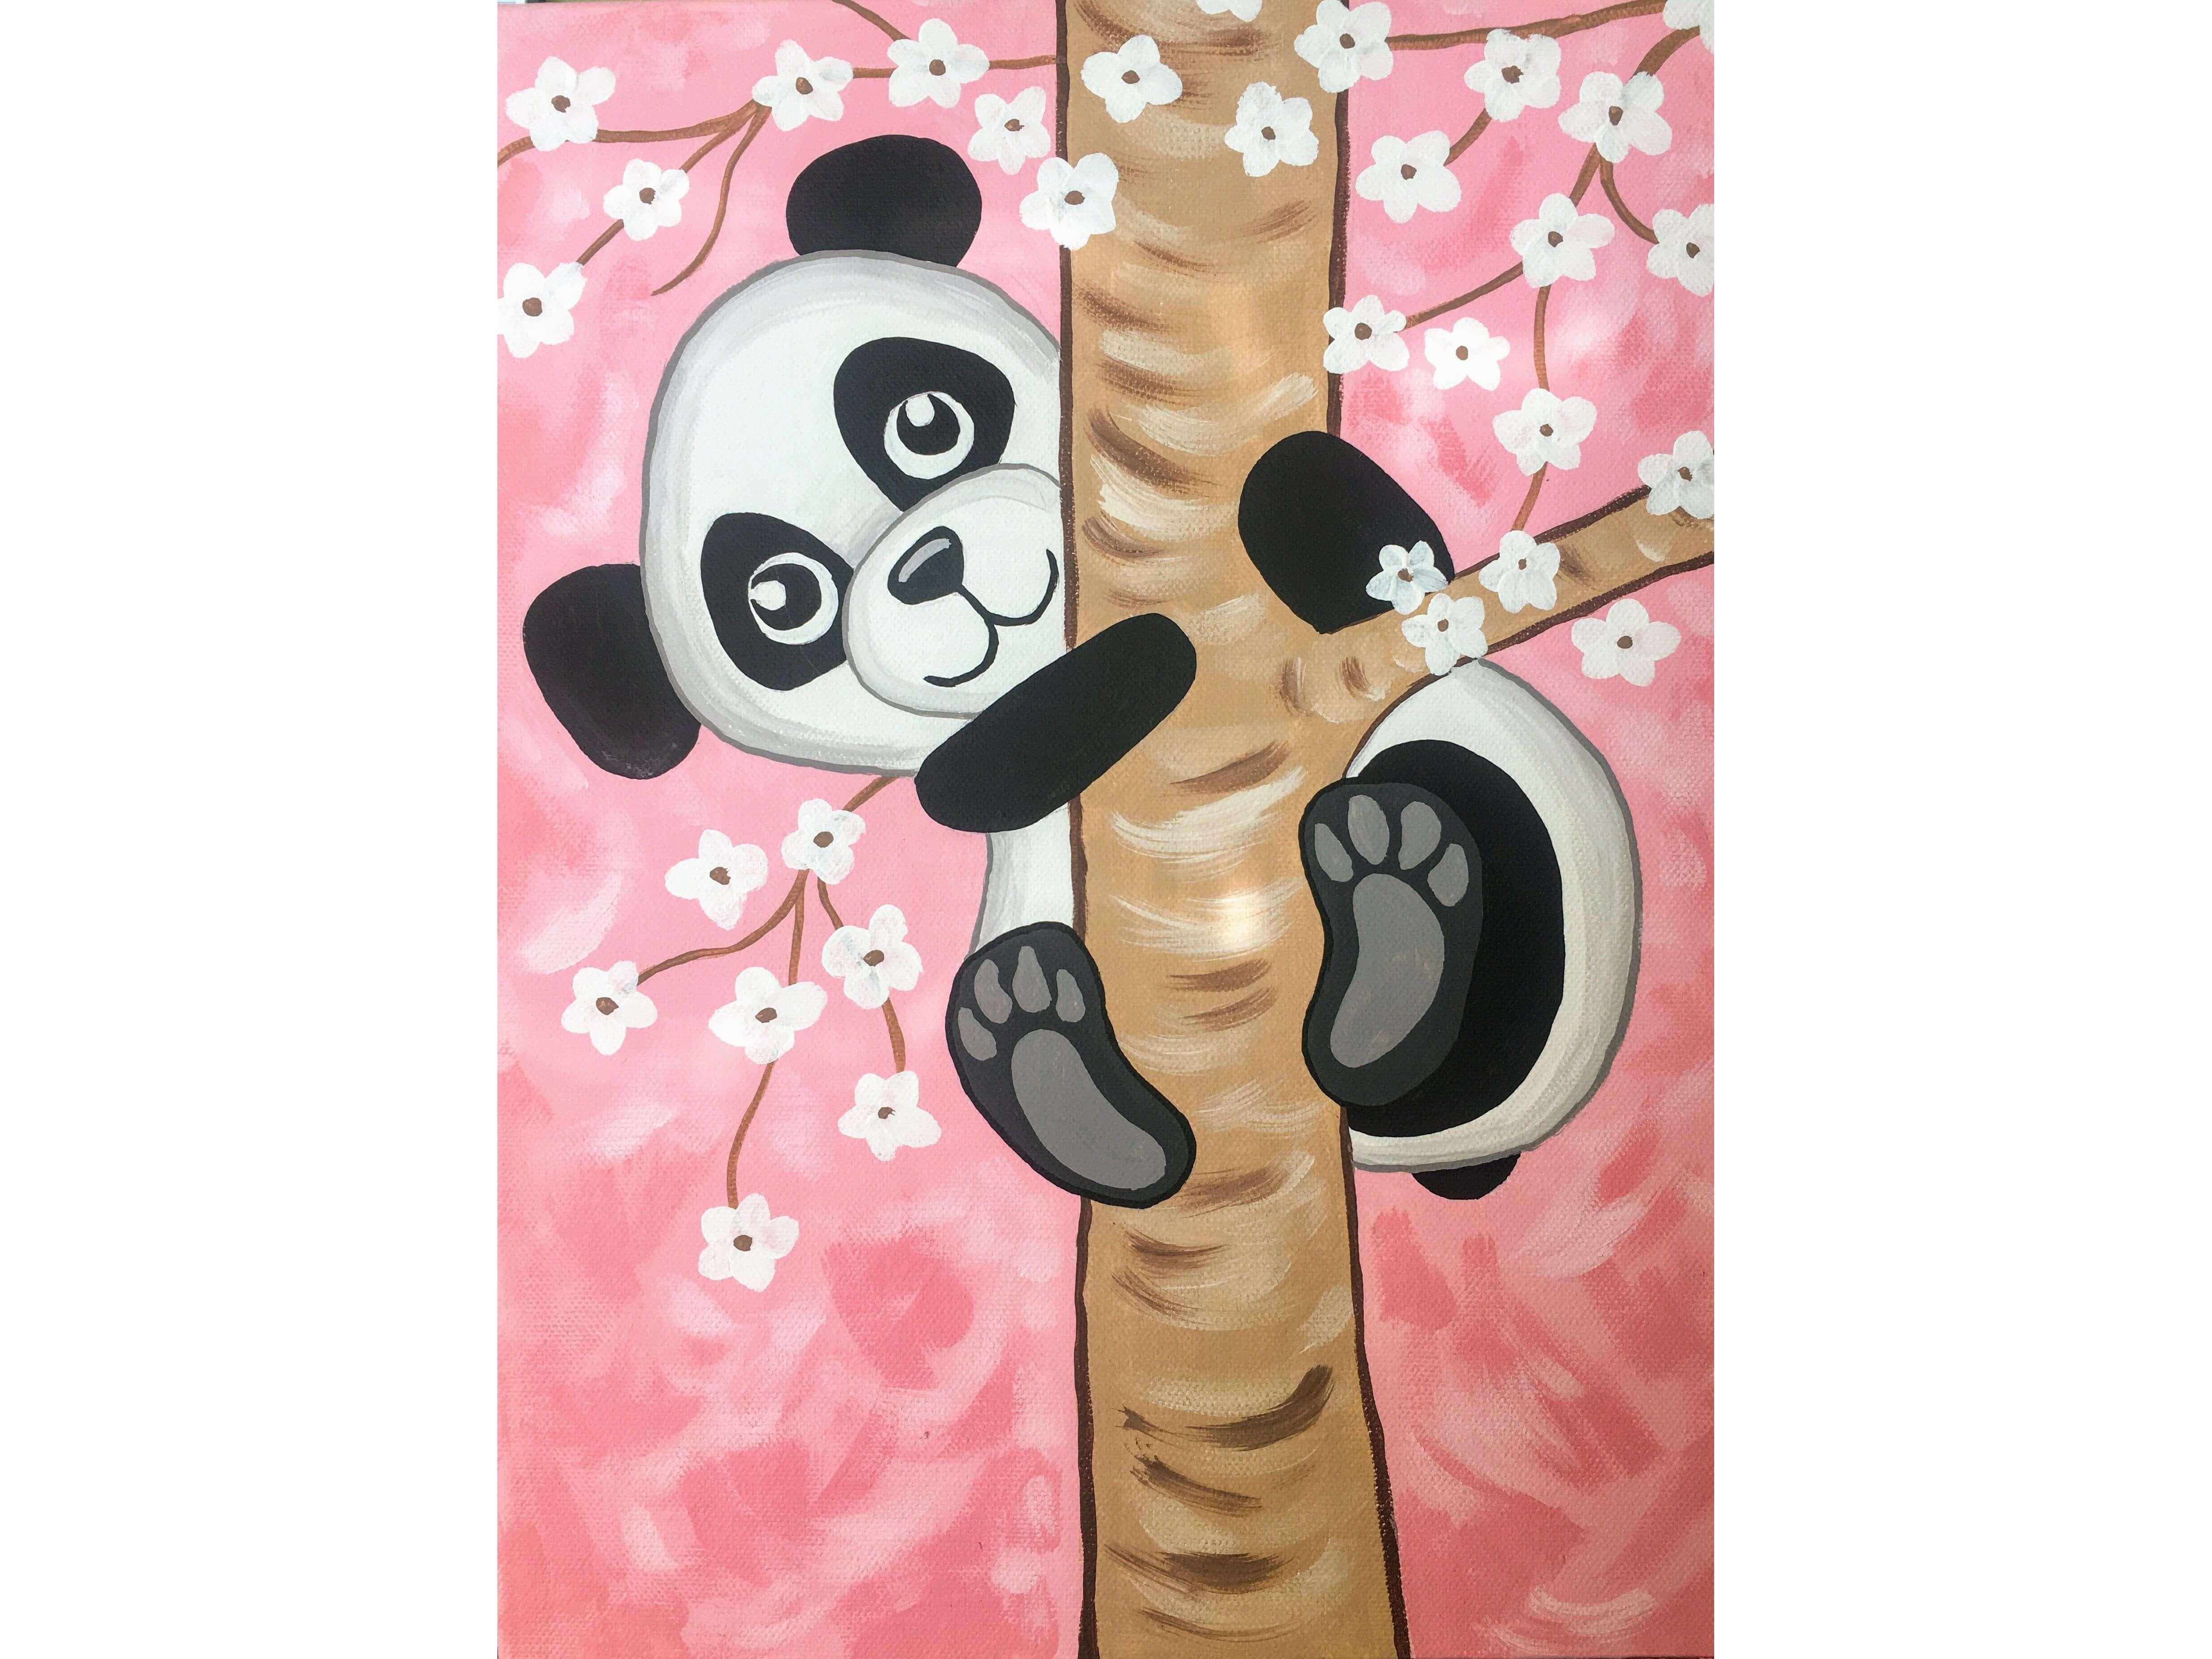 """Детска работилница по рисуване на сюжета """" Панда"""". Творческо забавление за деца и родители.  20.03.2021 г."""